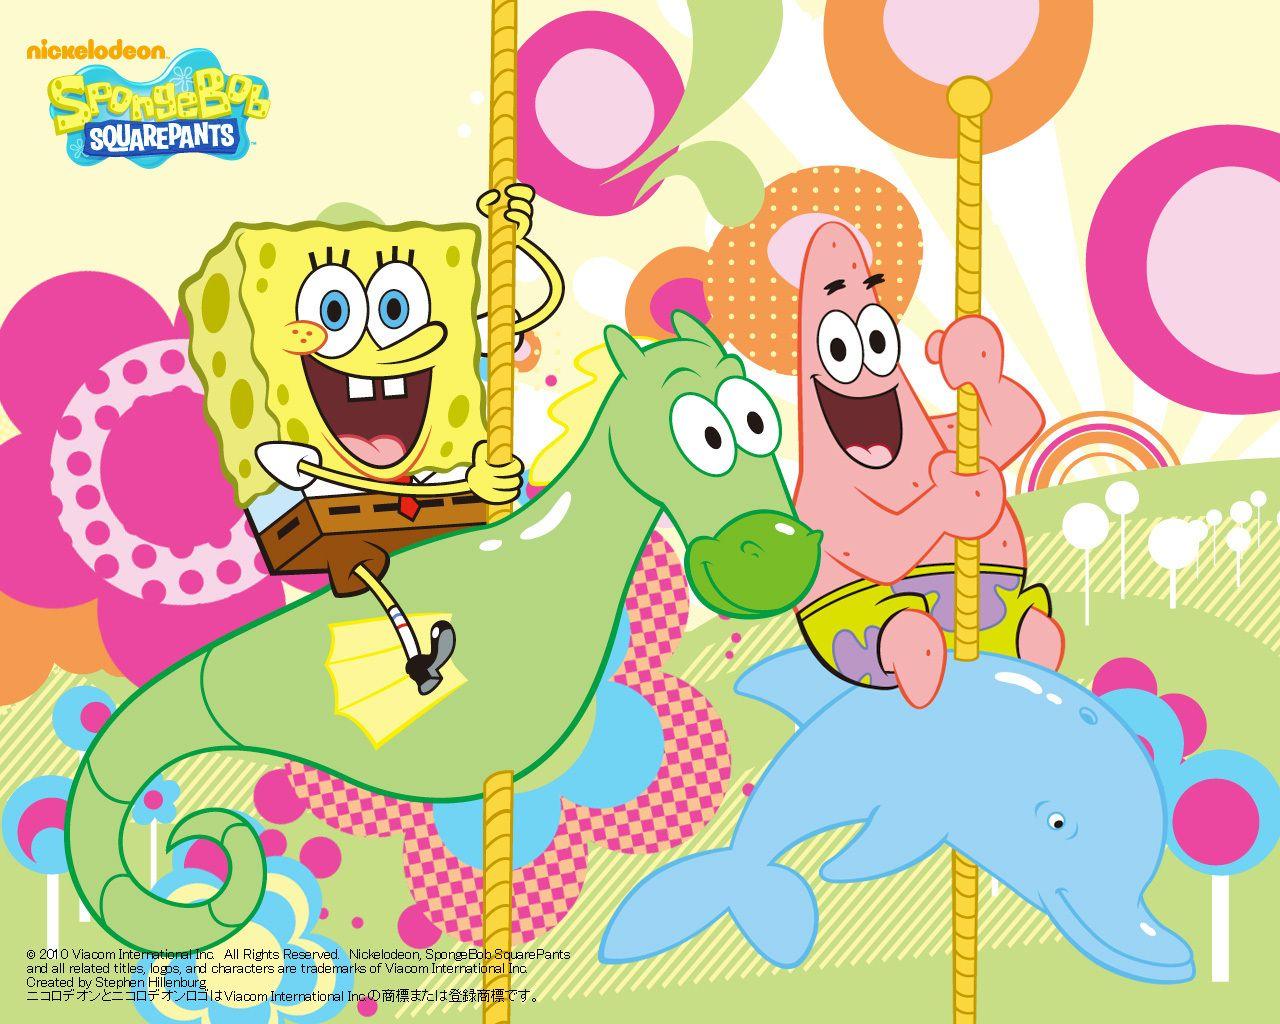 Sea Horsie Spongebob Squarepants Wallpaper Bg Wallpaper Pattern